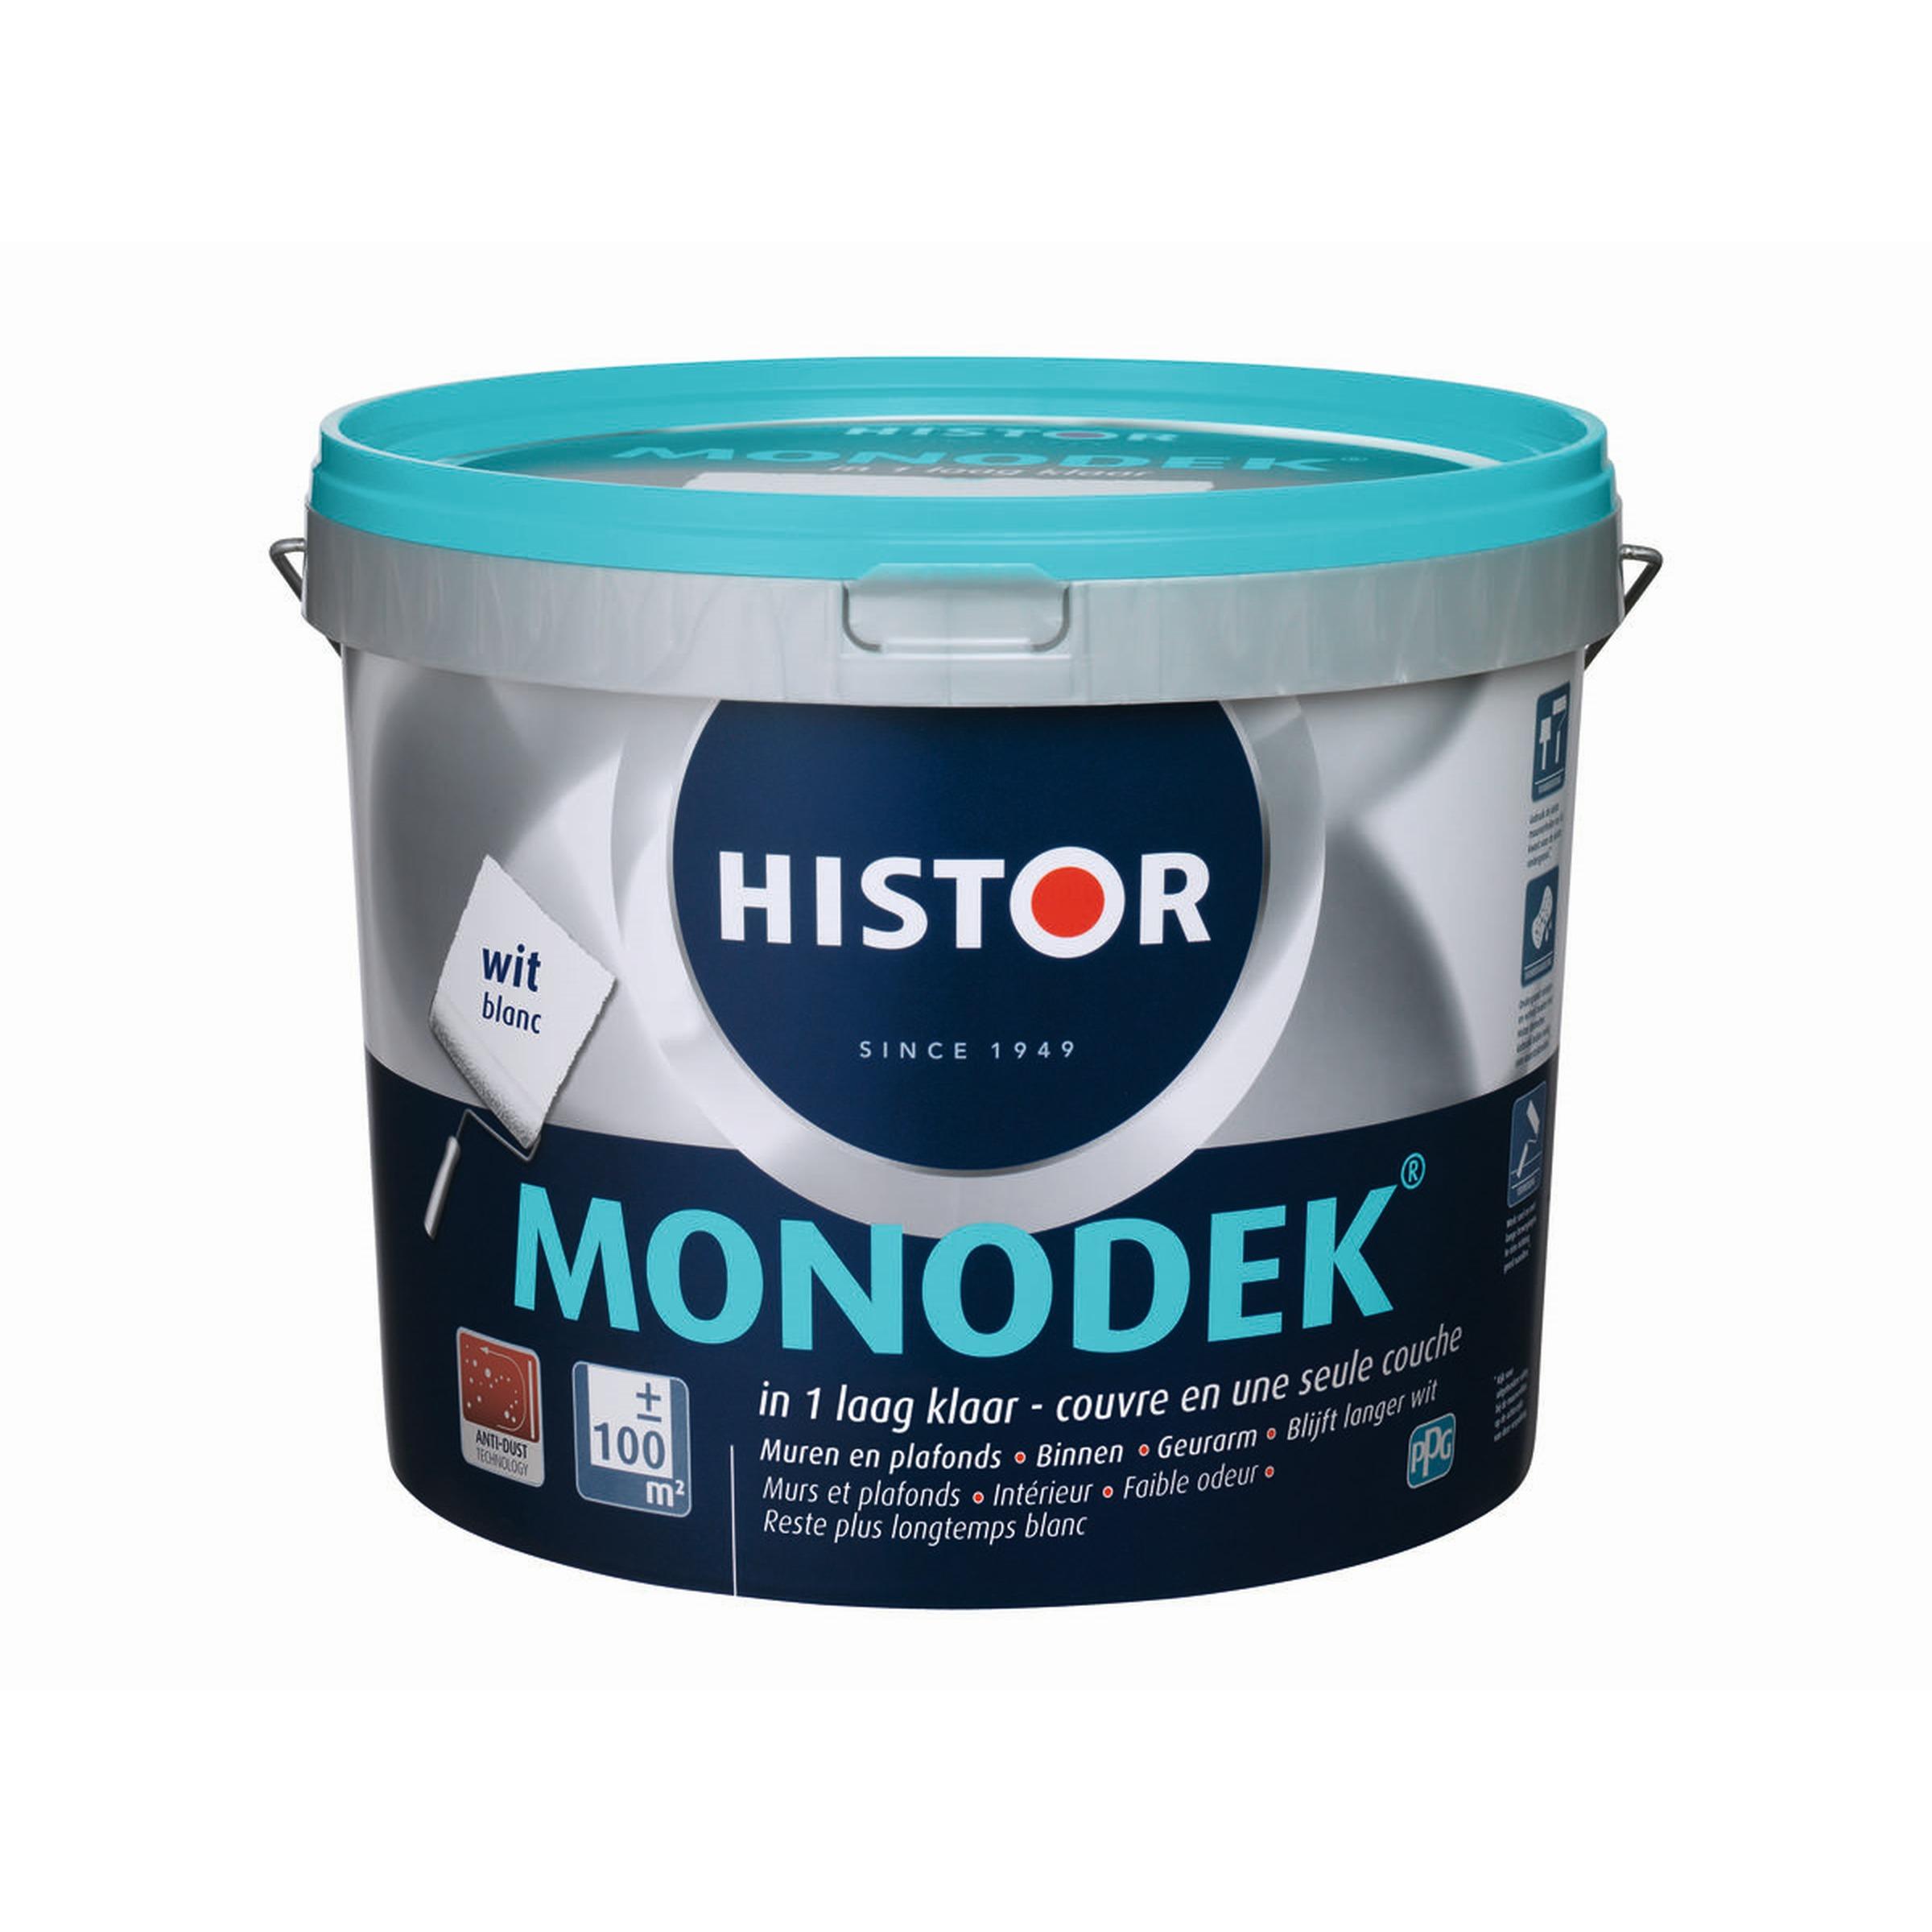 Histor Monodek 10 liter